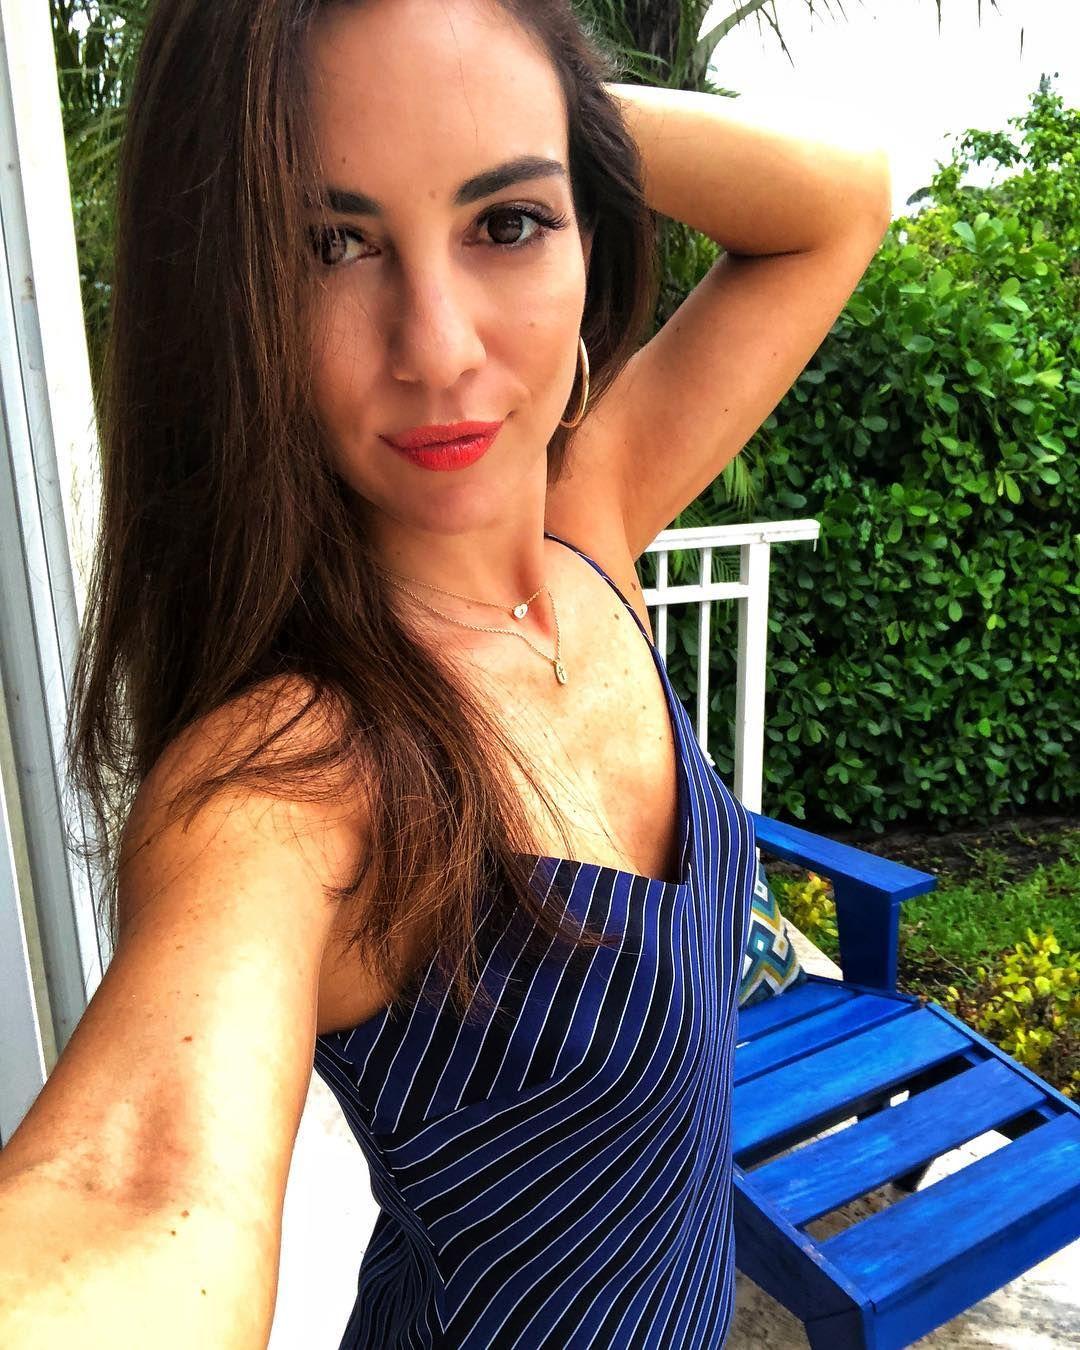 Boobs Zsuzsa Csisztu naked (58 photo), Ass, Fappening, Twitter, lingerie 2017